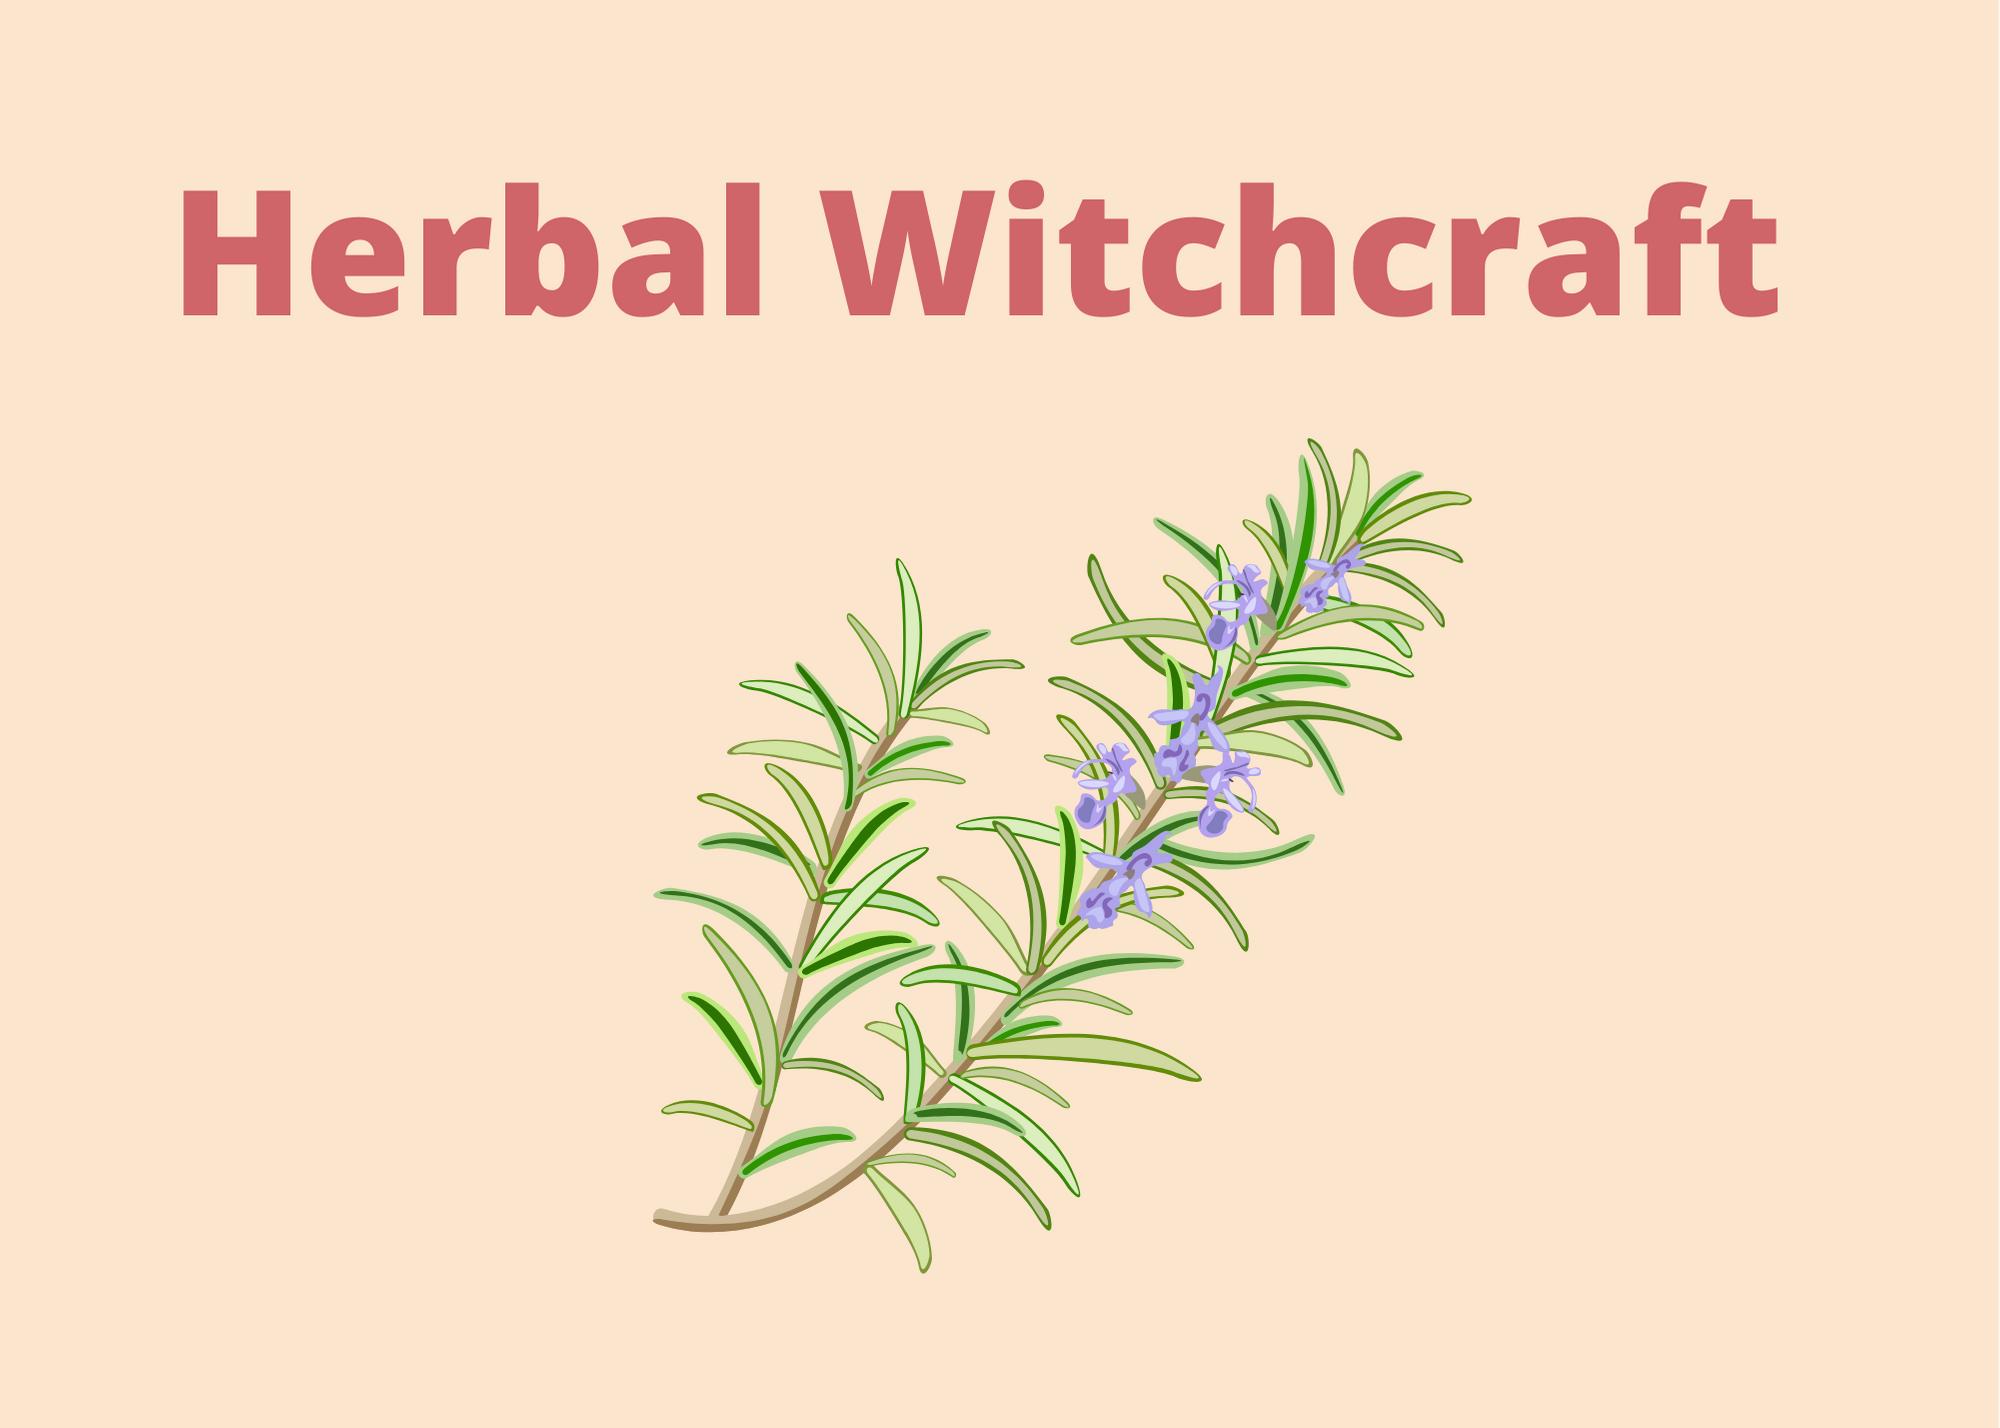 herbal spells, herbal magic, herbal life, herbal remedies